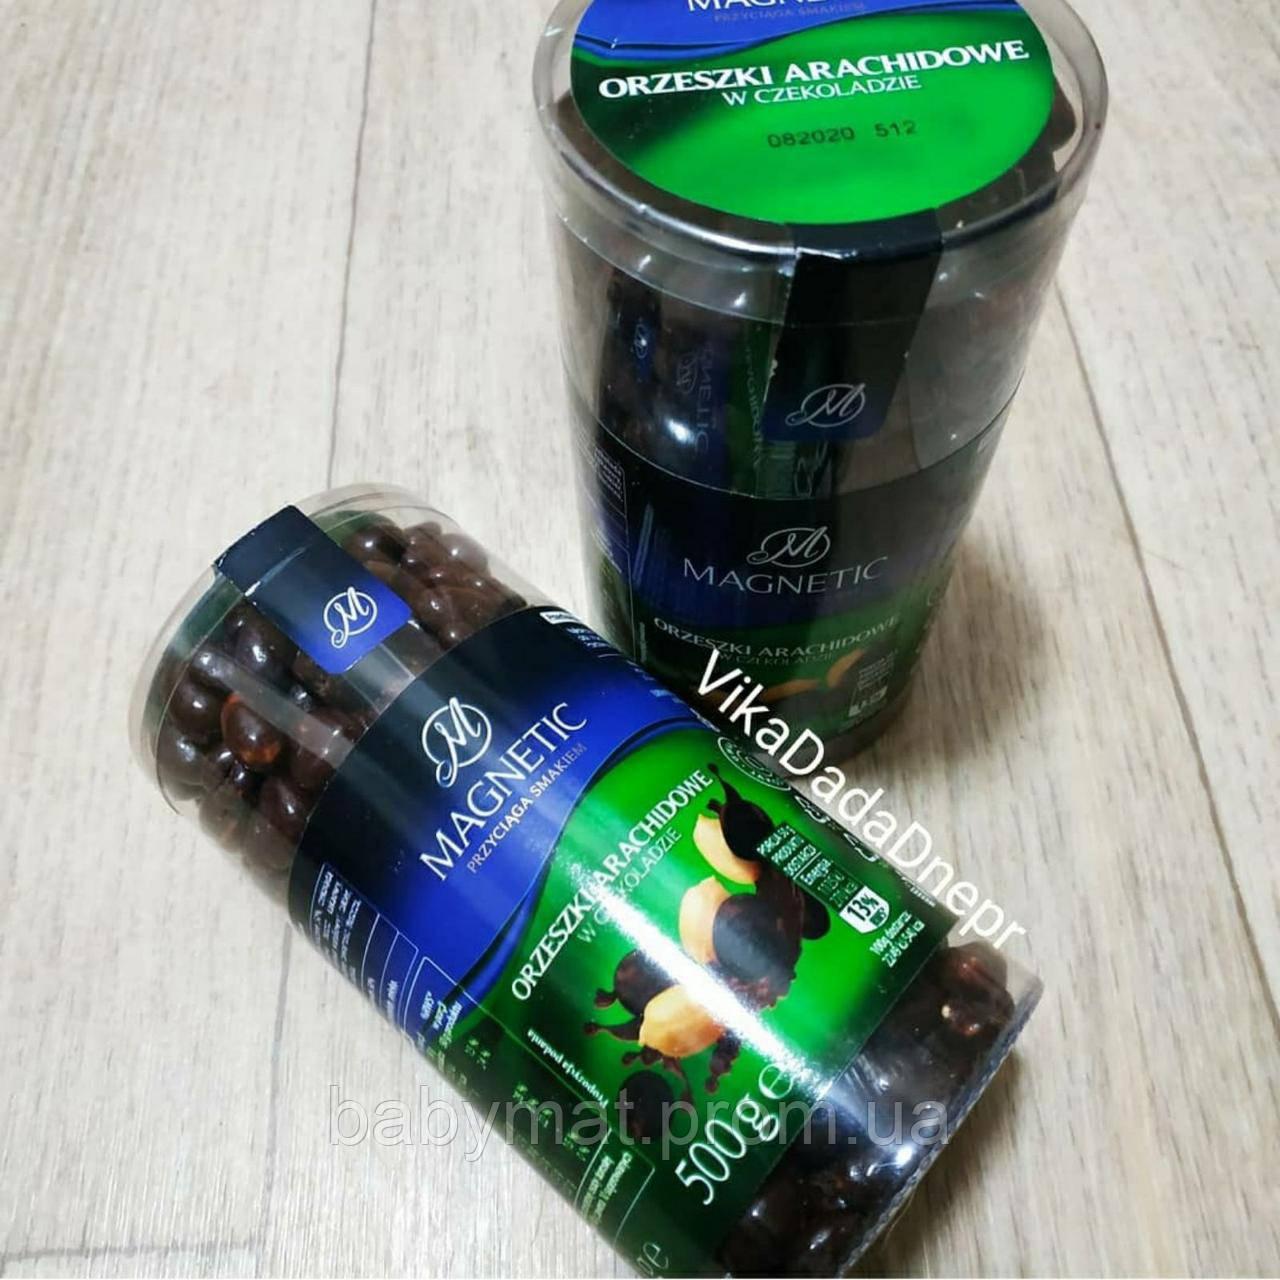 Magnetic Orzeszki Arachidowe w czekoladzie Арахис в шоколаде 500 гр